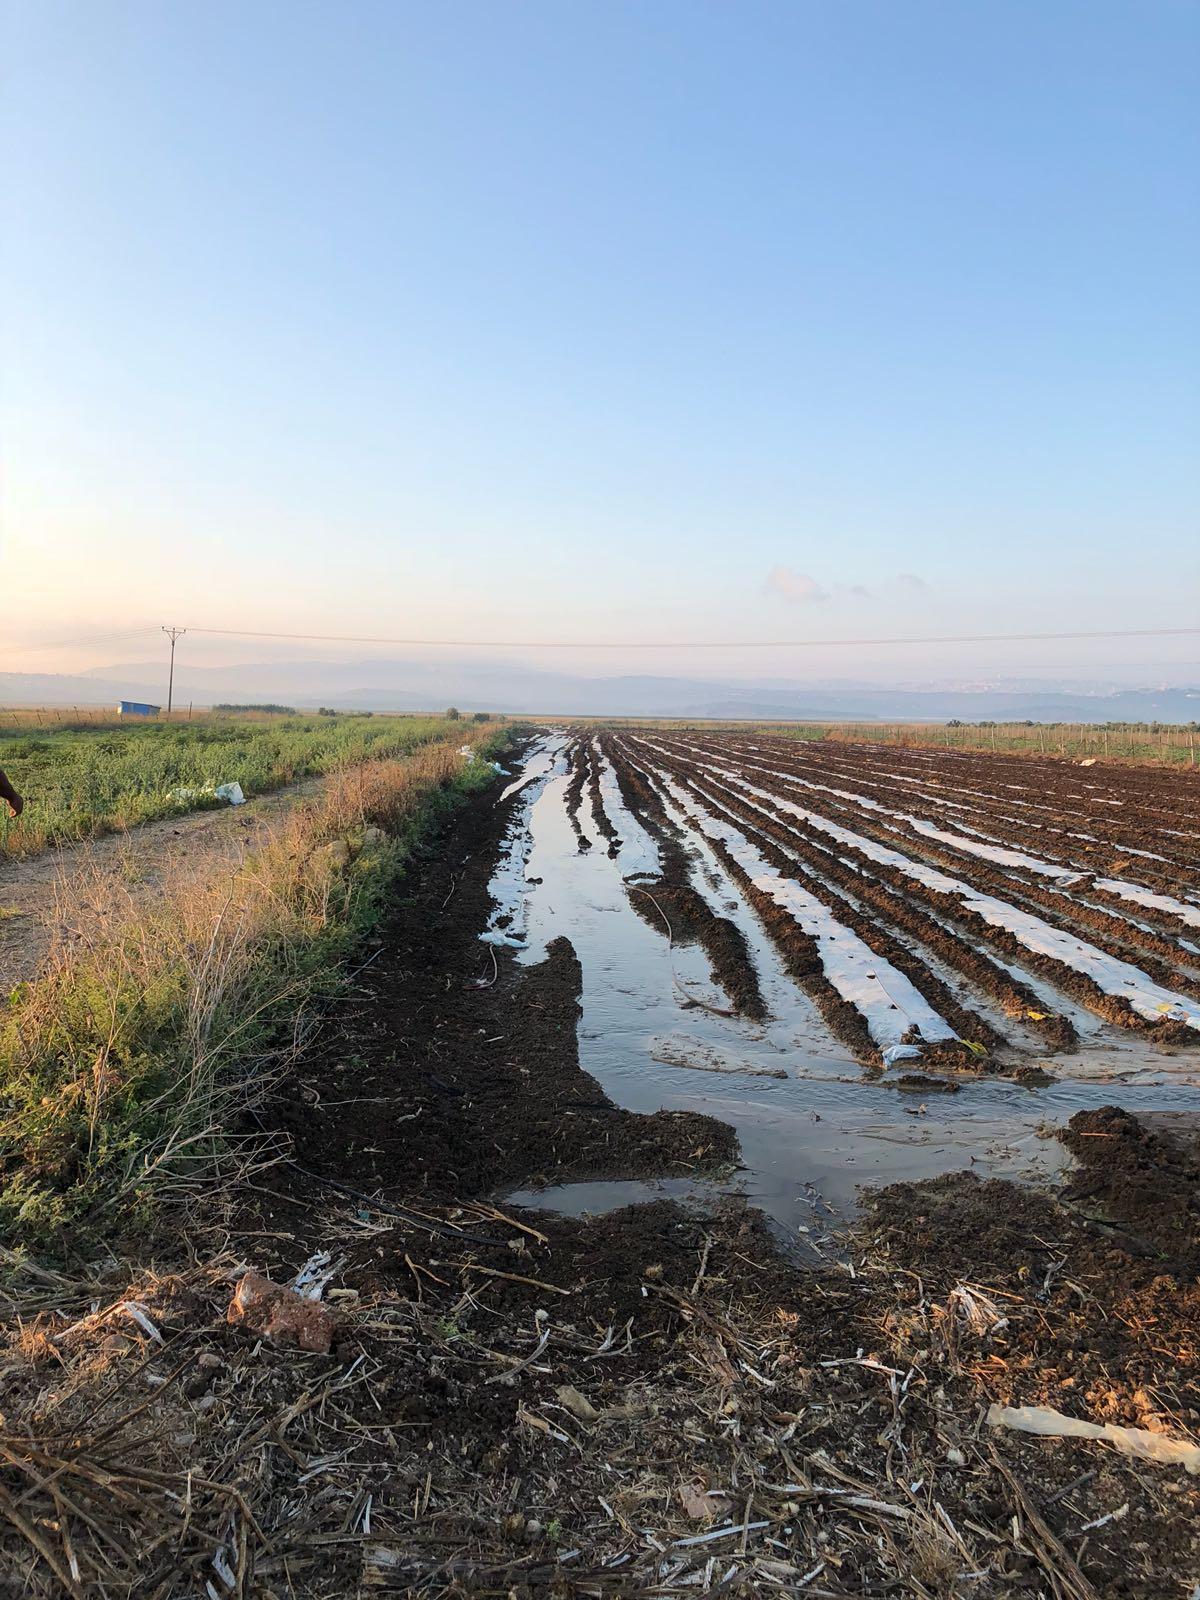 كفر مندا: المياه العادمة تتلف المزروعات وتلحق خسائر فادحة